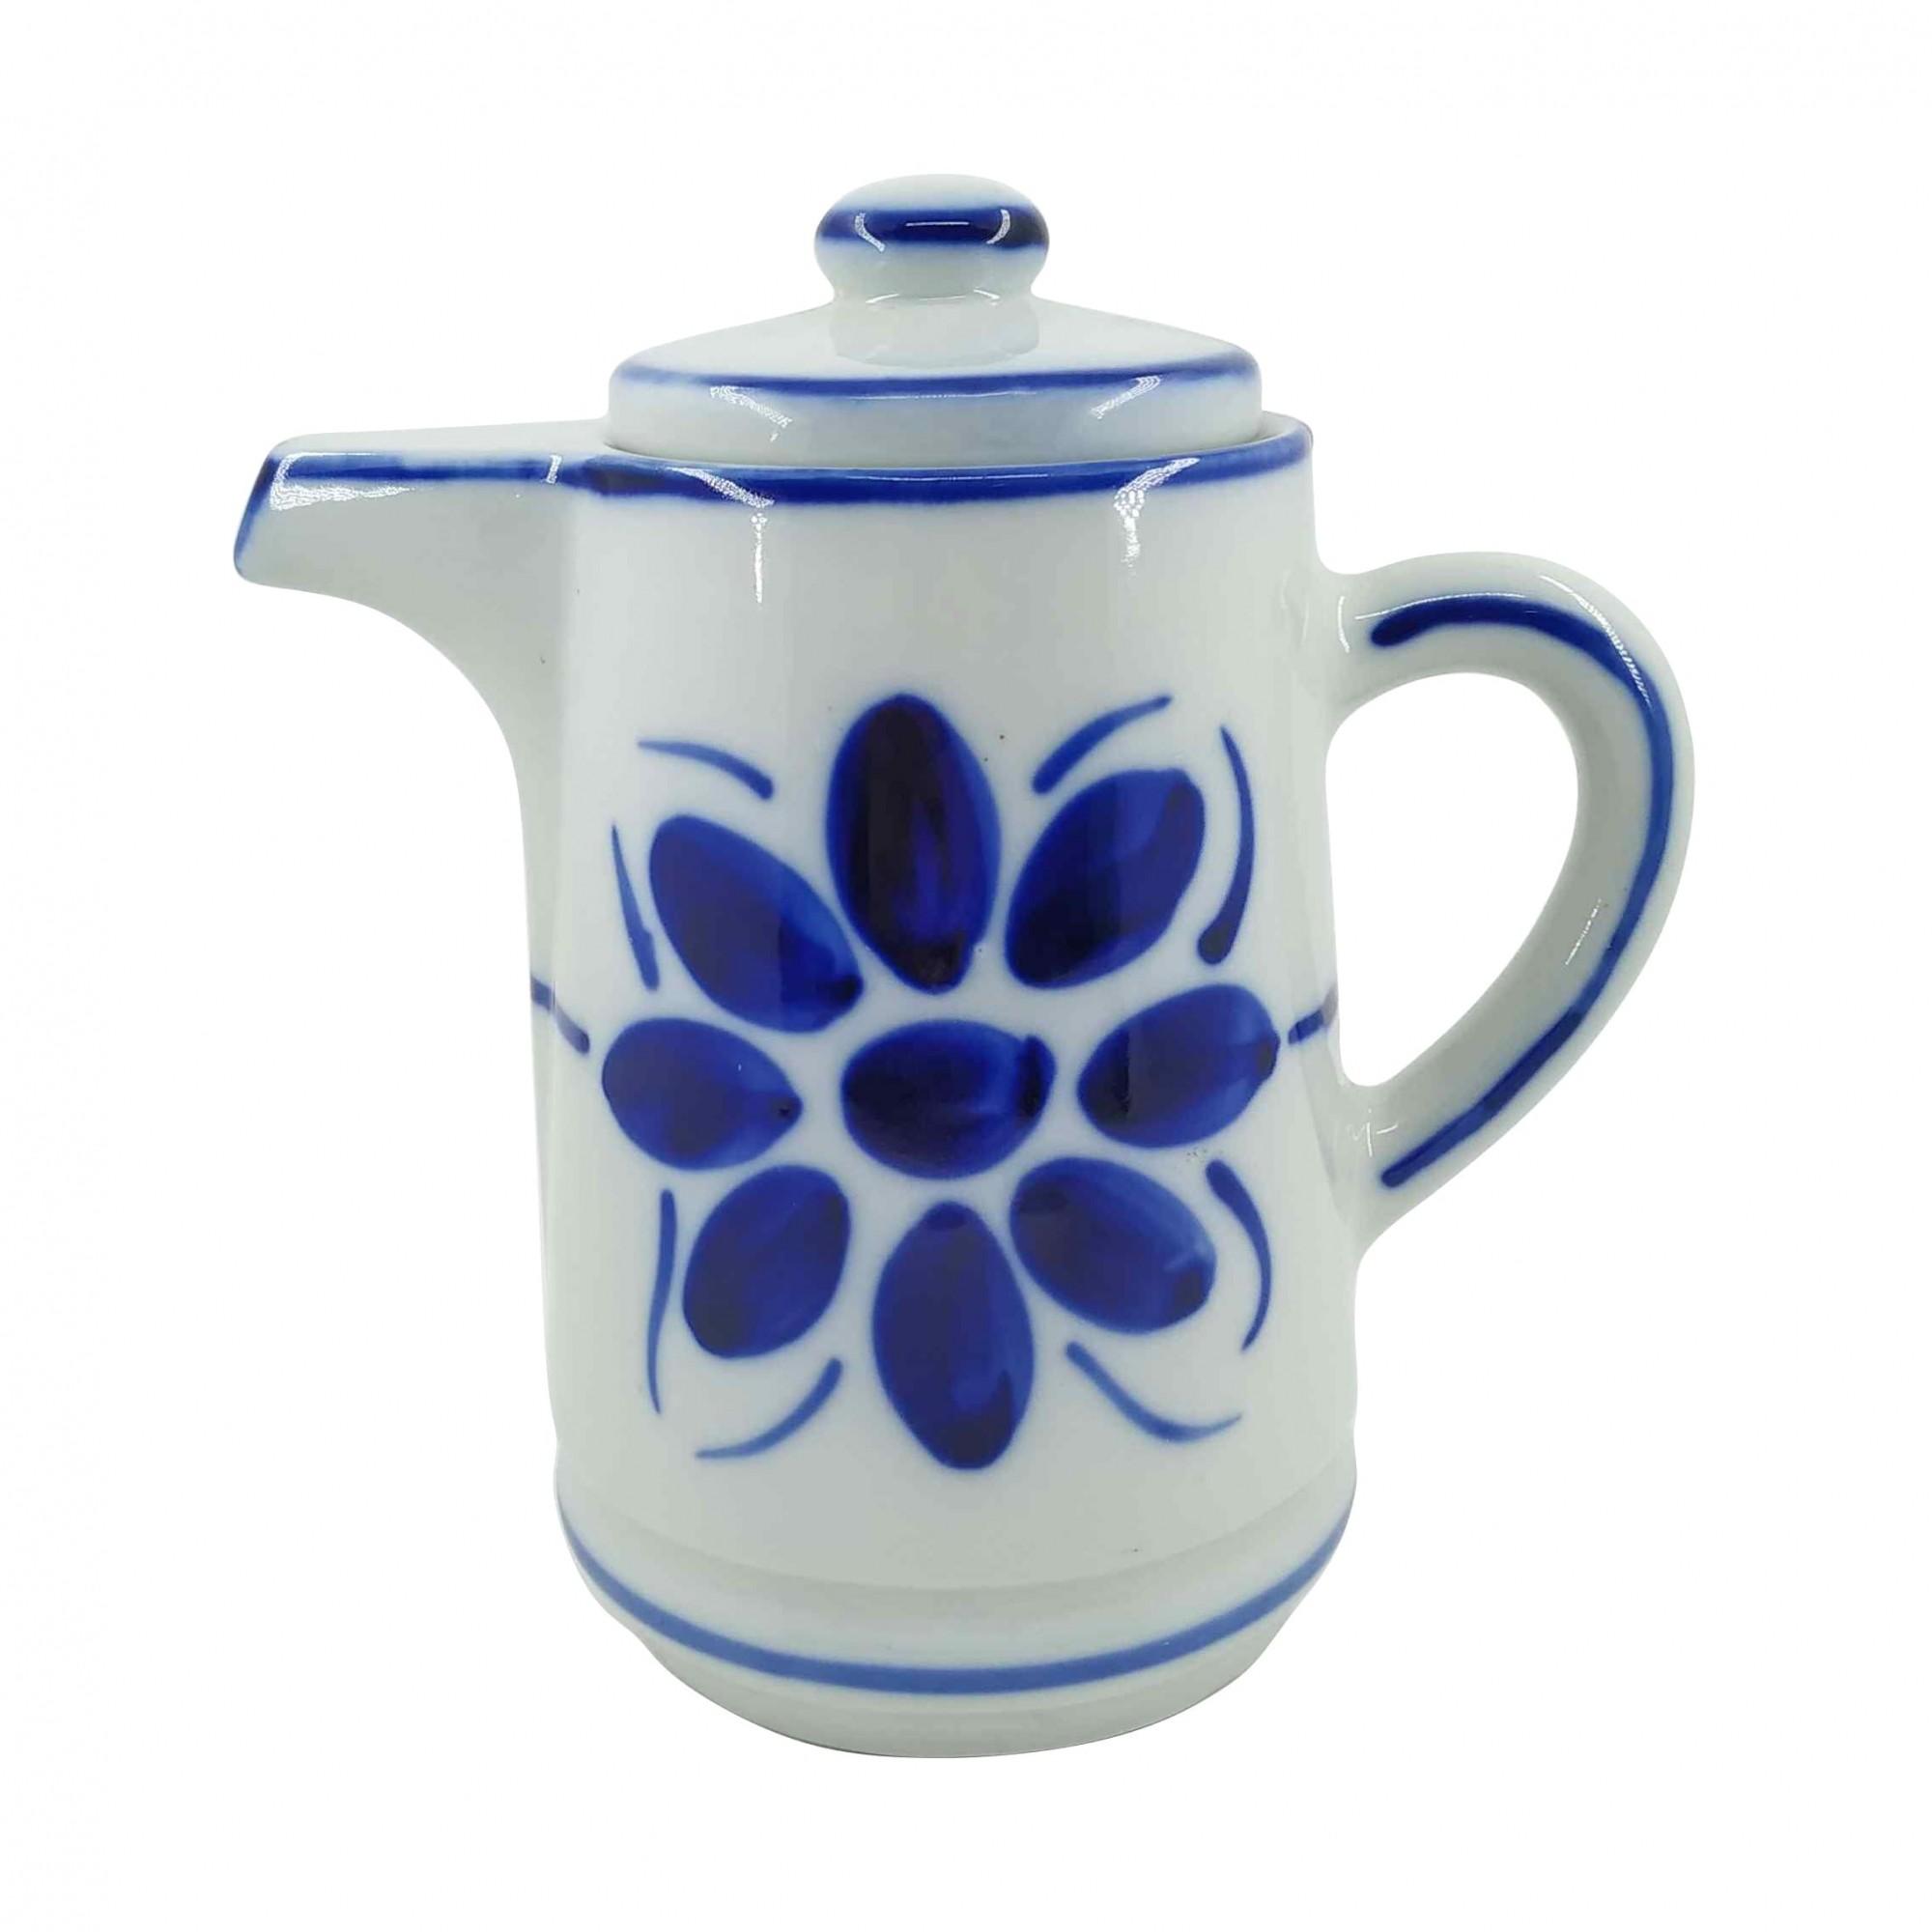 Bule de Porcelana Azul Floral 800 ml